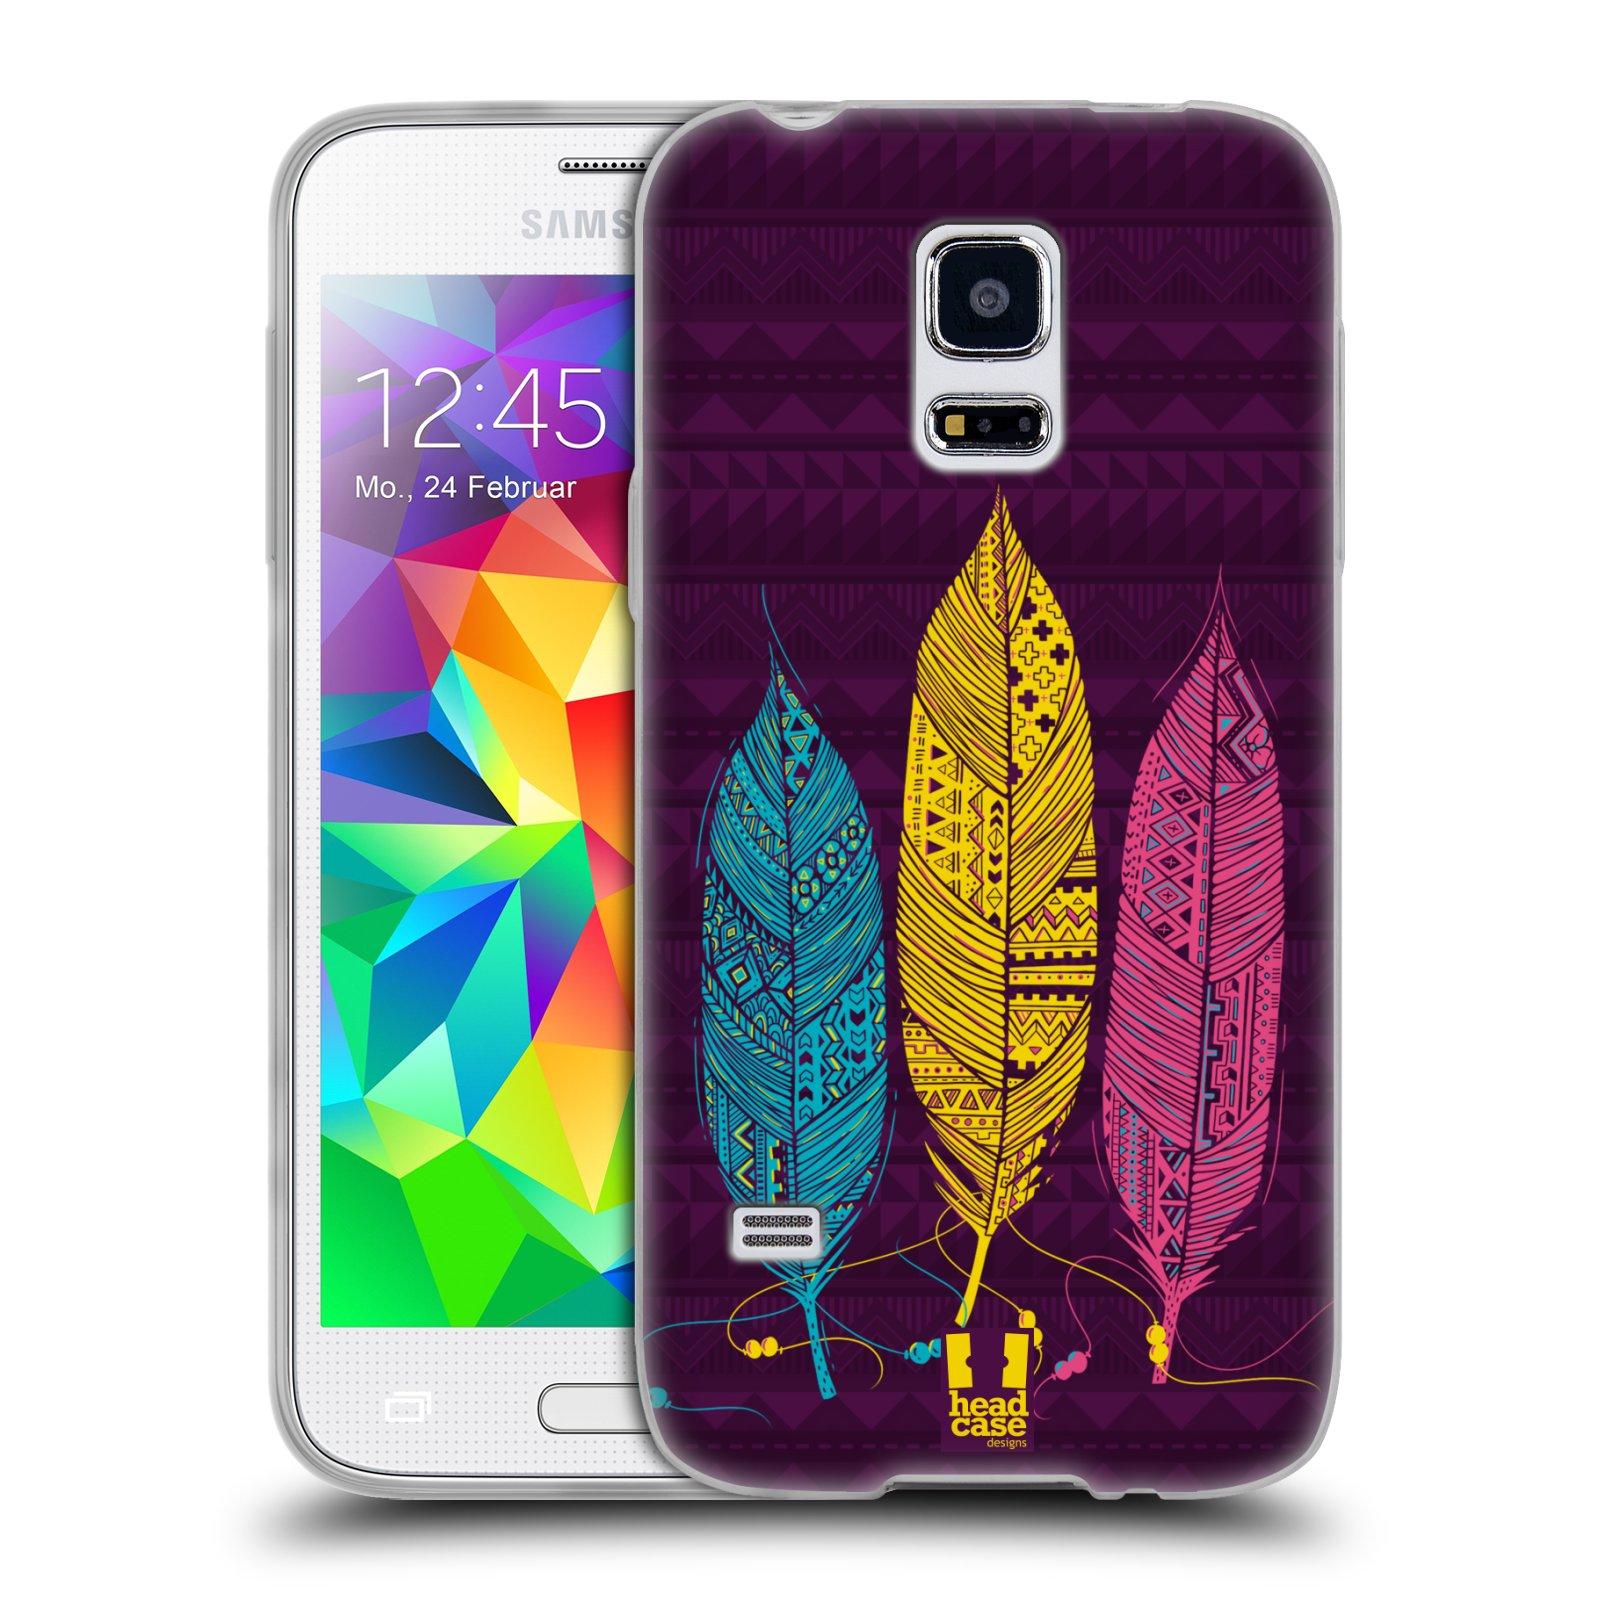 Silikonové pouzdro na mobil Samsung Galaxy S5 Mini HEAD CASE AZTEC PÍRKA 3 BAREV (Silikonový kryt či obal na mobilní telefon Samsung Galaxy S5 Mini SM-G800F)